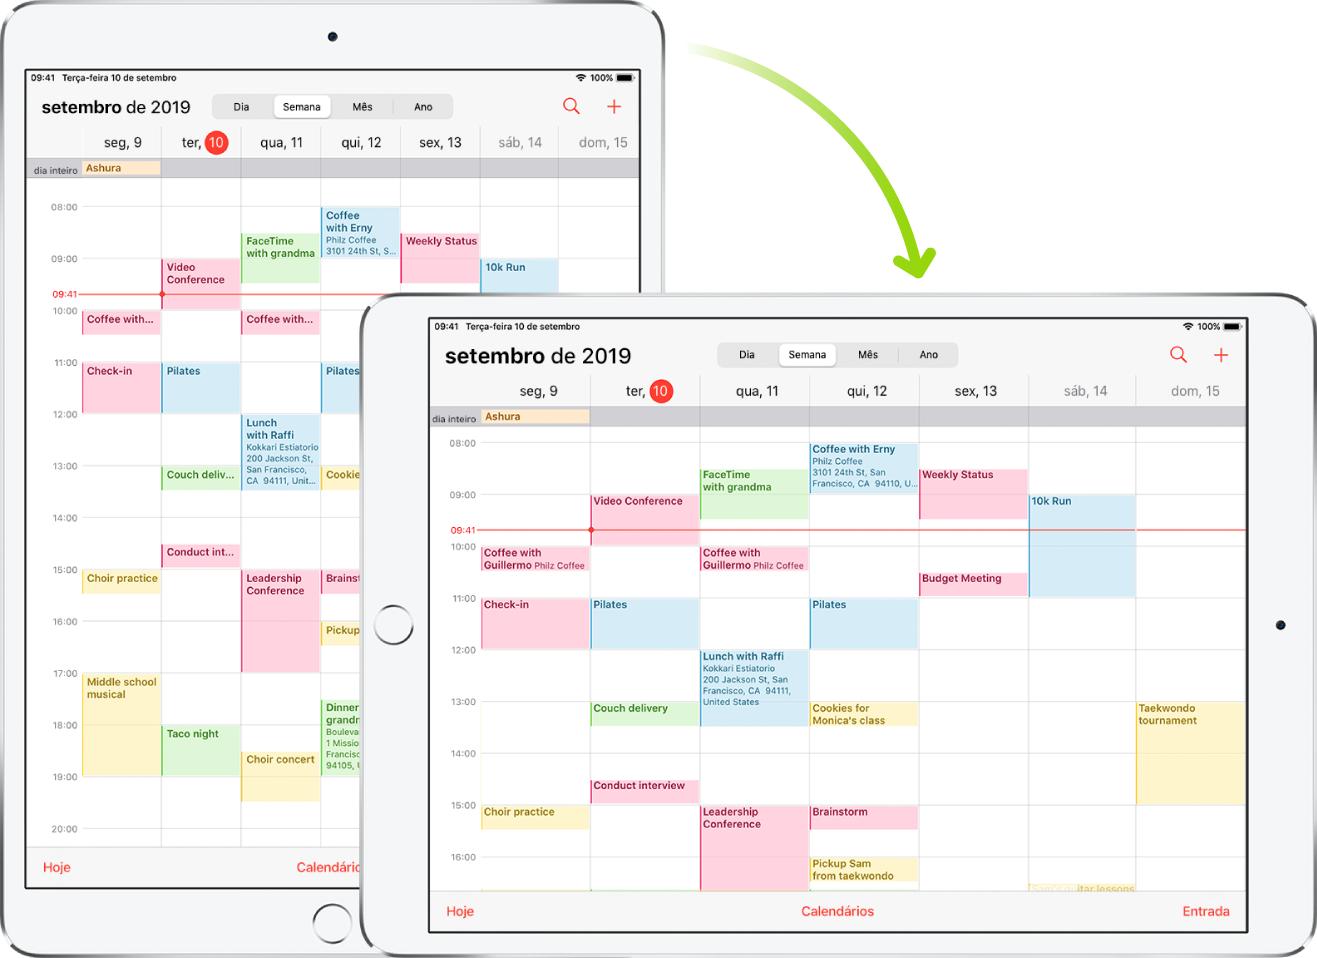 Em segundo plano, um iPad mostra uma tela do Calendário na orientação vertical; em primeiro plano, o iPad encontra-se girado e mostra a tela do Calendário na orientação horizontal.